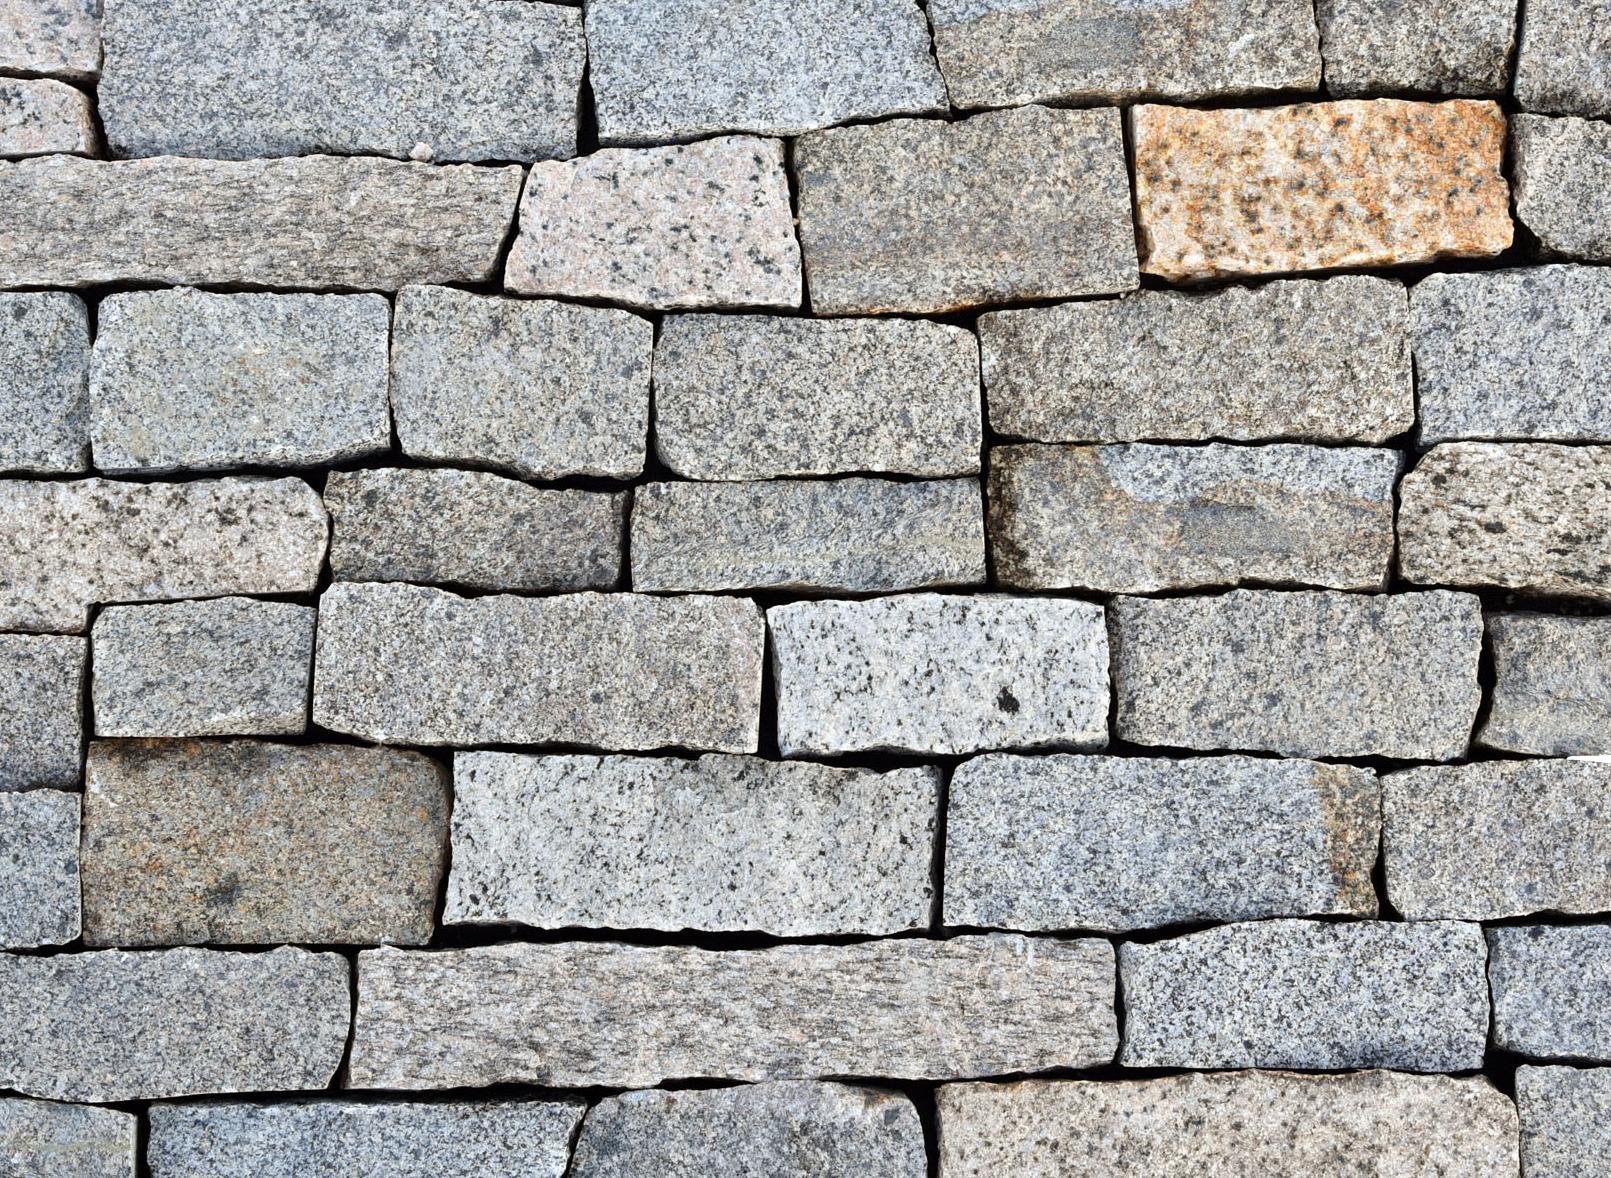 Natural Thin Stone Veneer By Fieldstone Veneer Inc Milford Ma